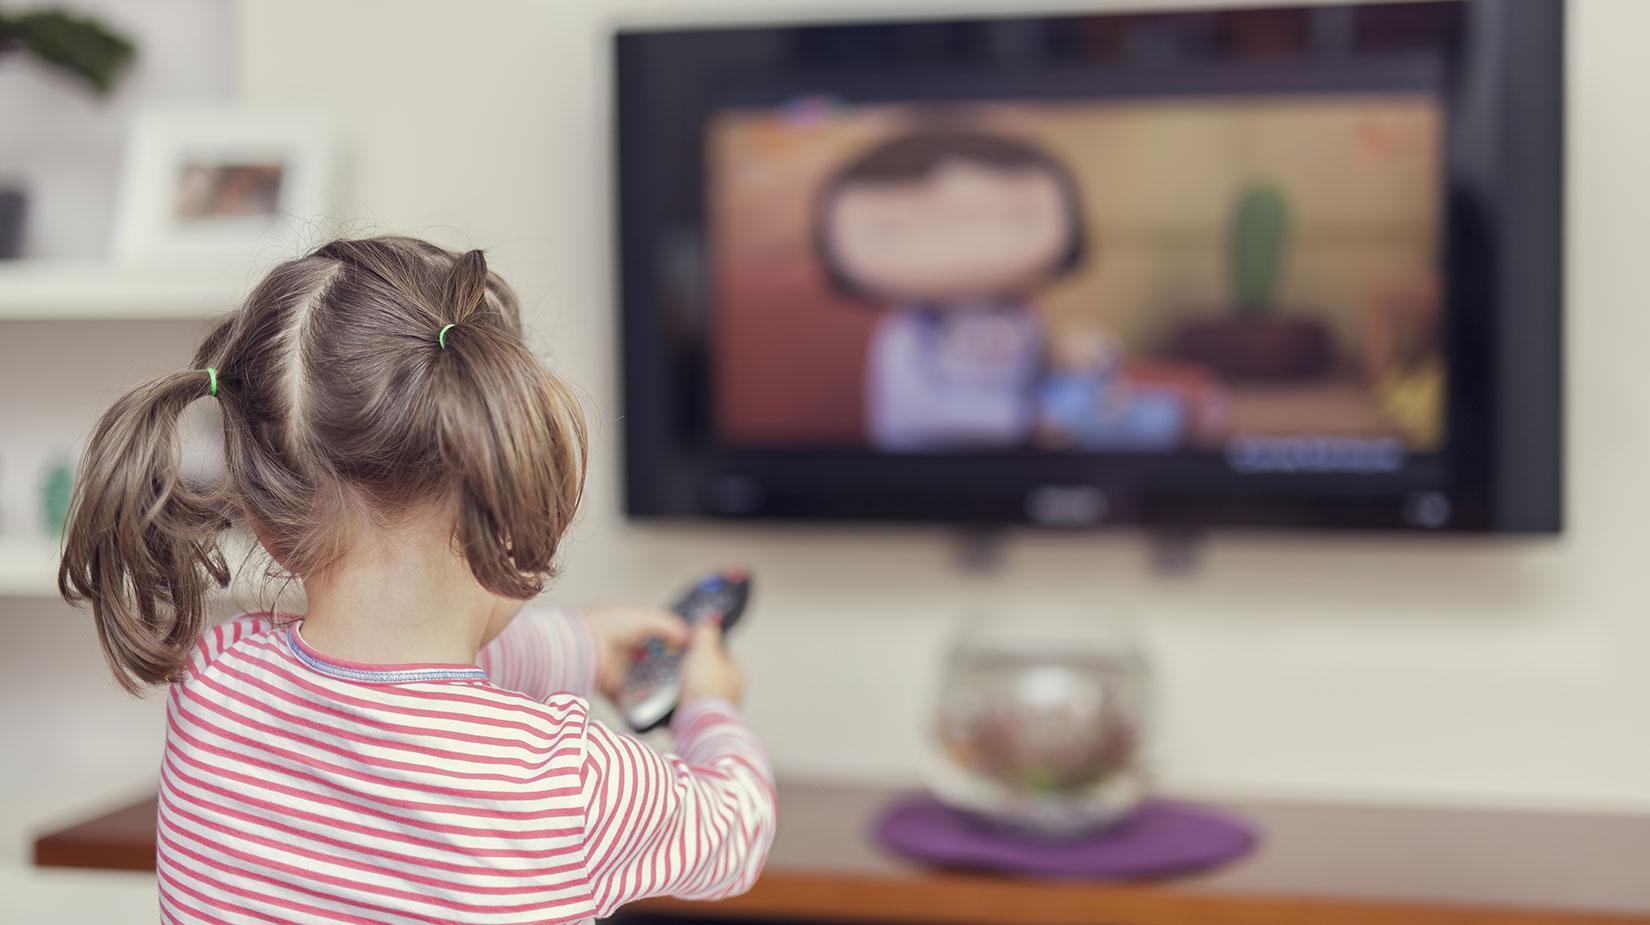 Fazla Tv İzleyen Çocuklar Kendi Kendine Konuşabilir